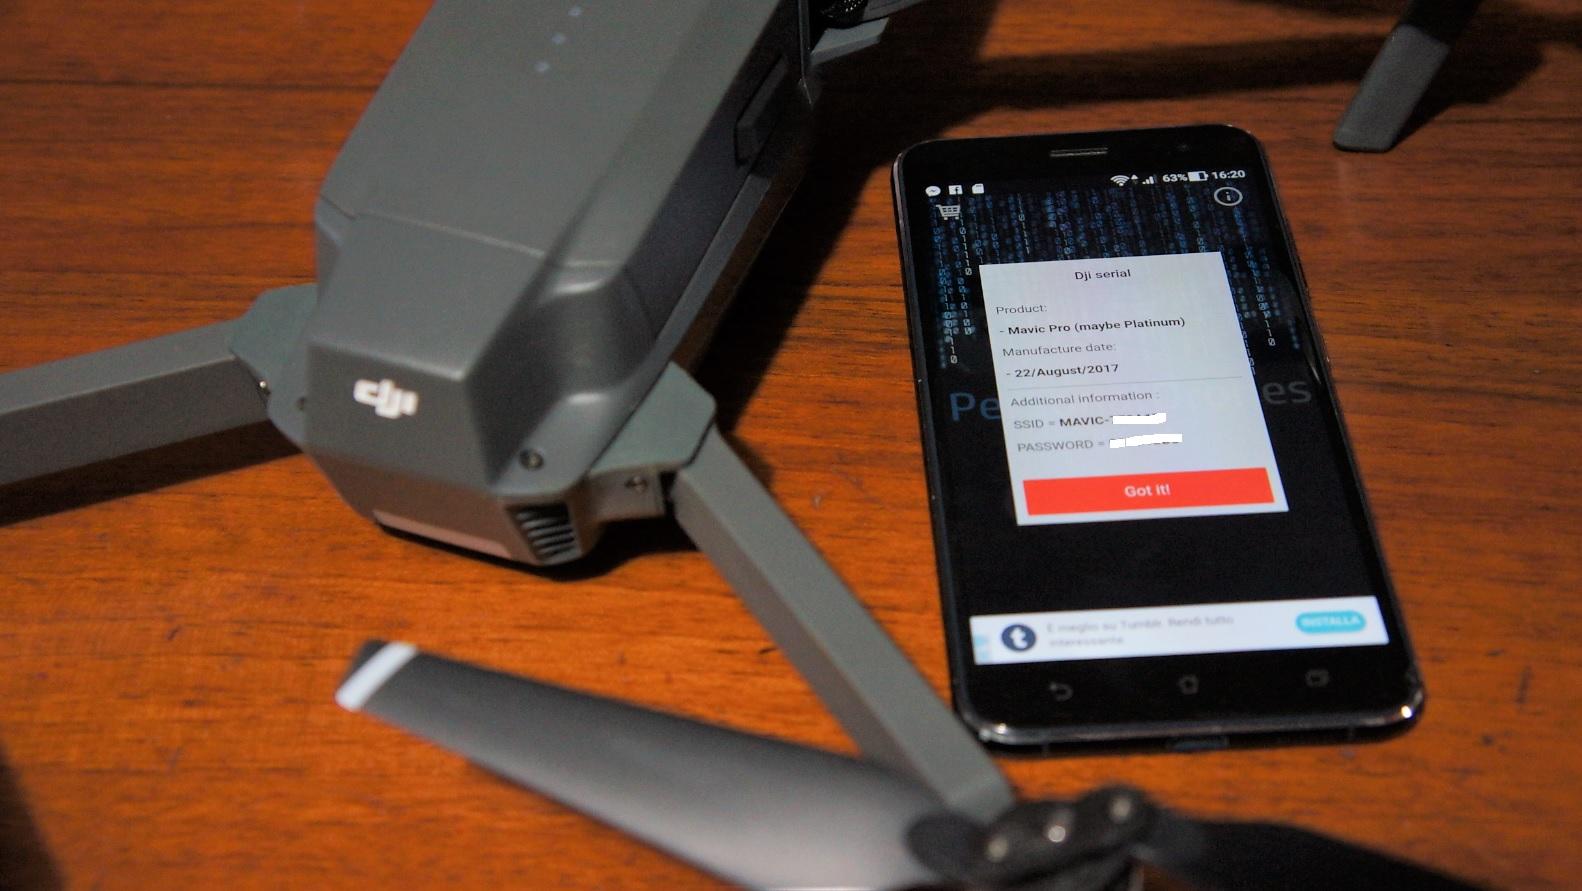 Quando è stato prodotto il mio Drone DJI? Te lo dice D-Serial